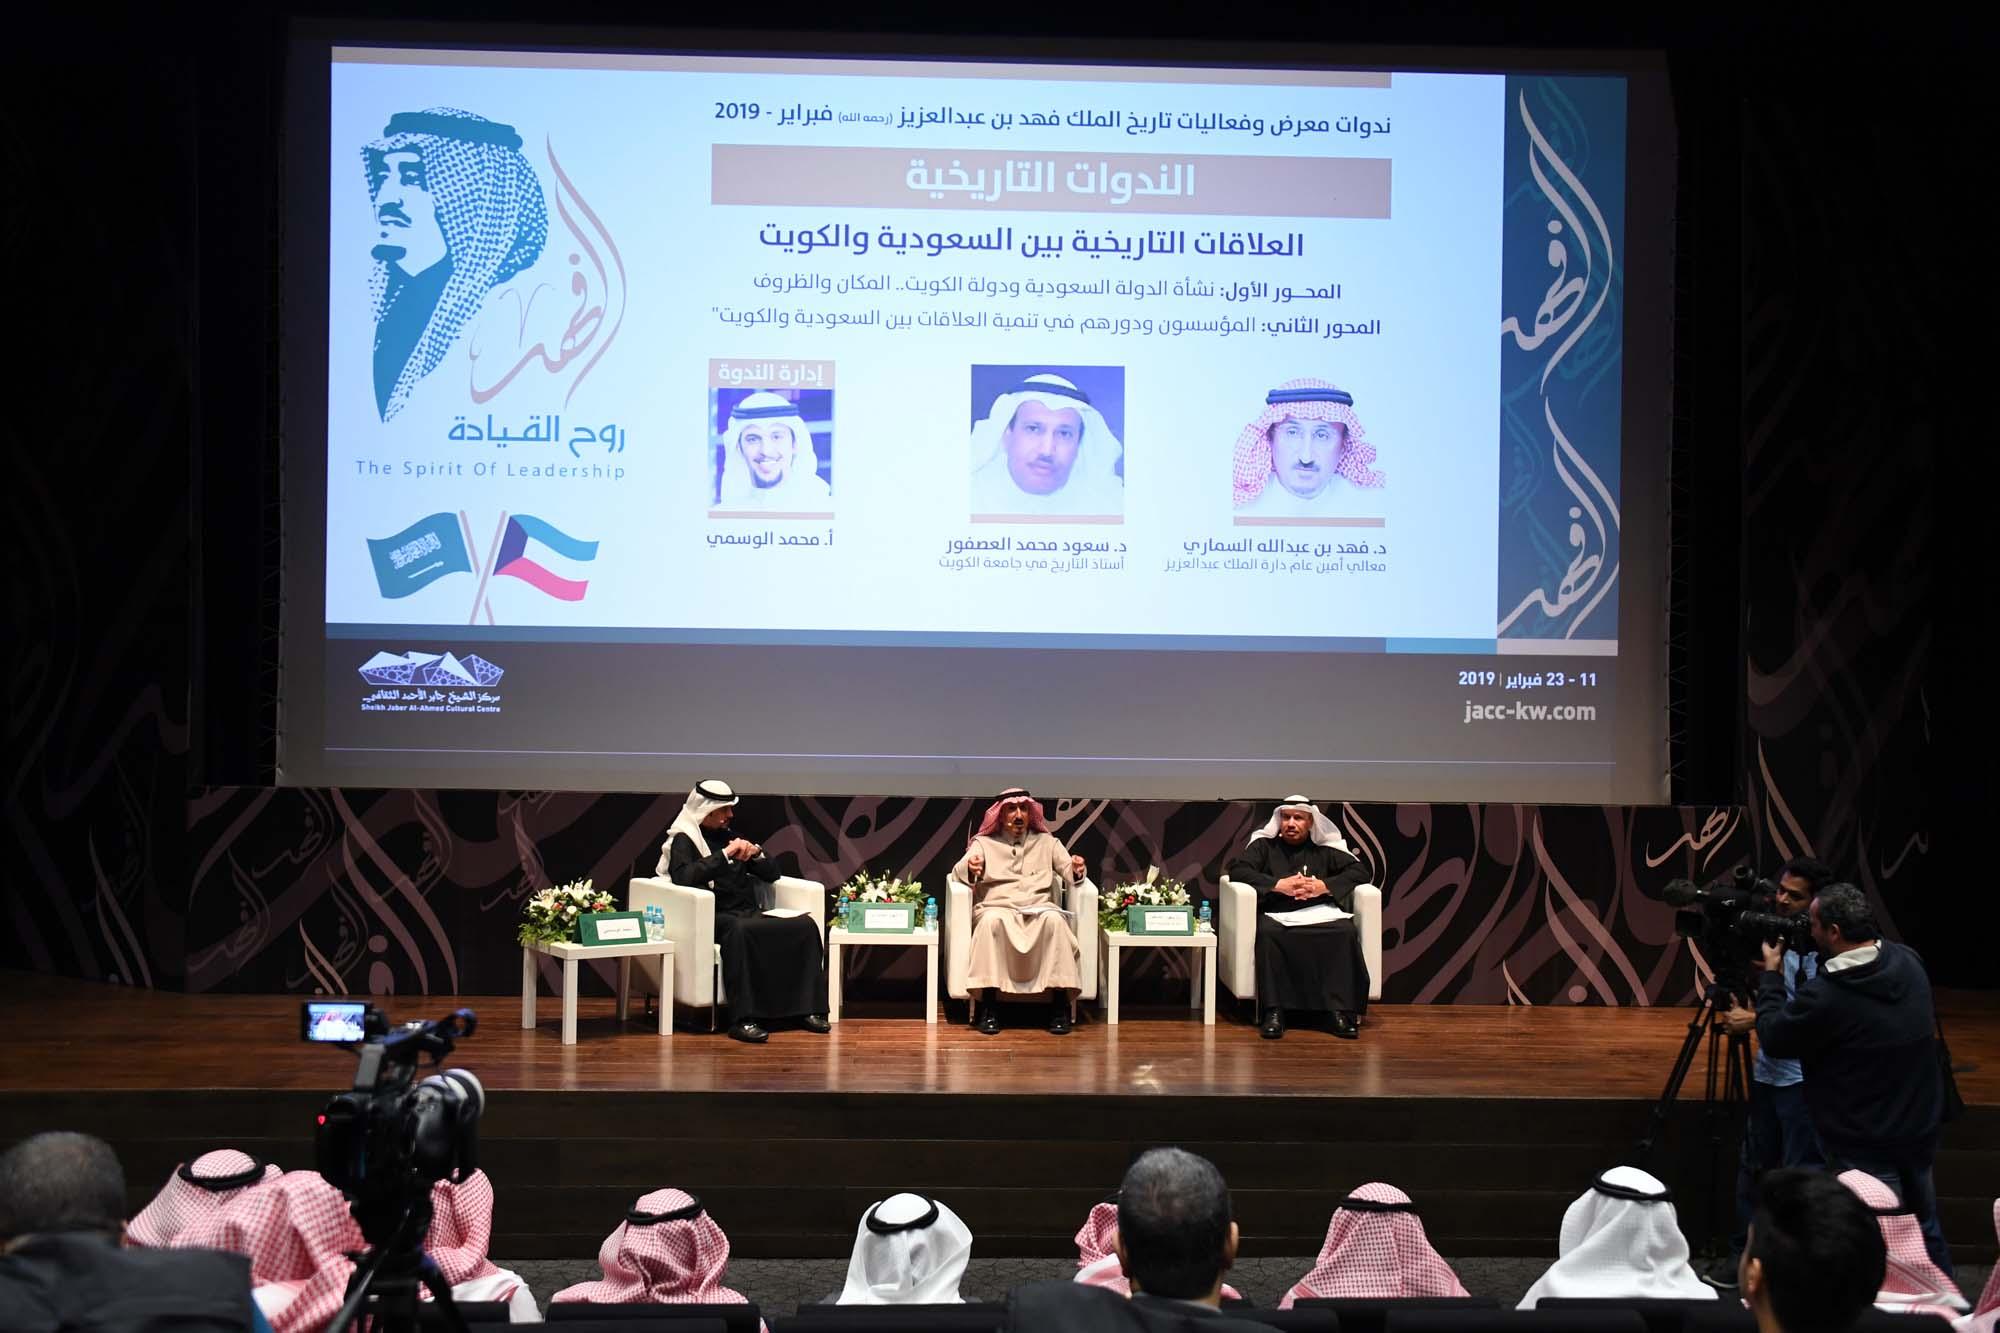 معرض الملك فهد روح القيادة الكويت